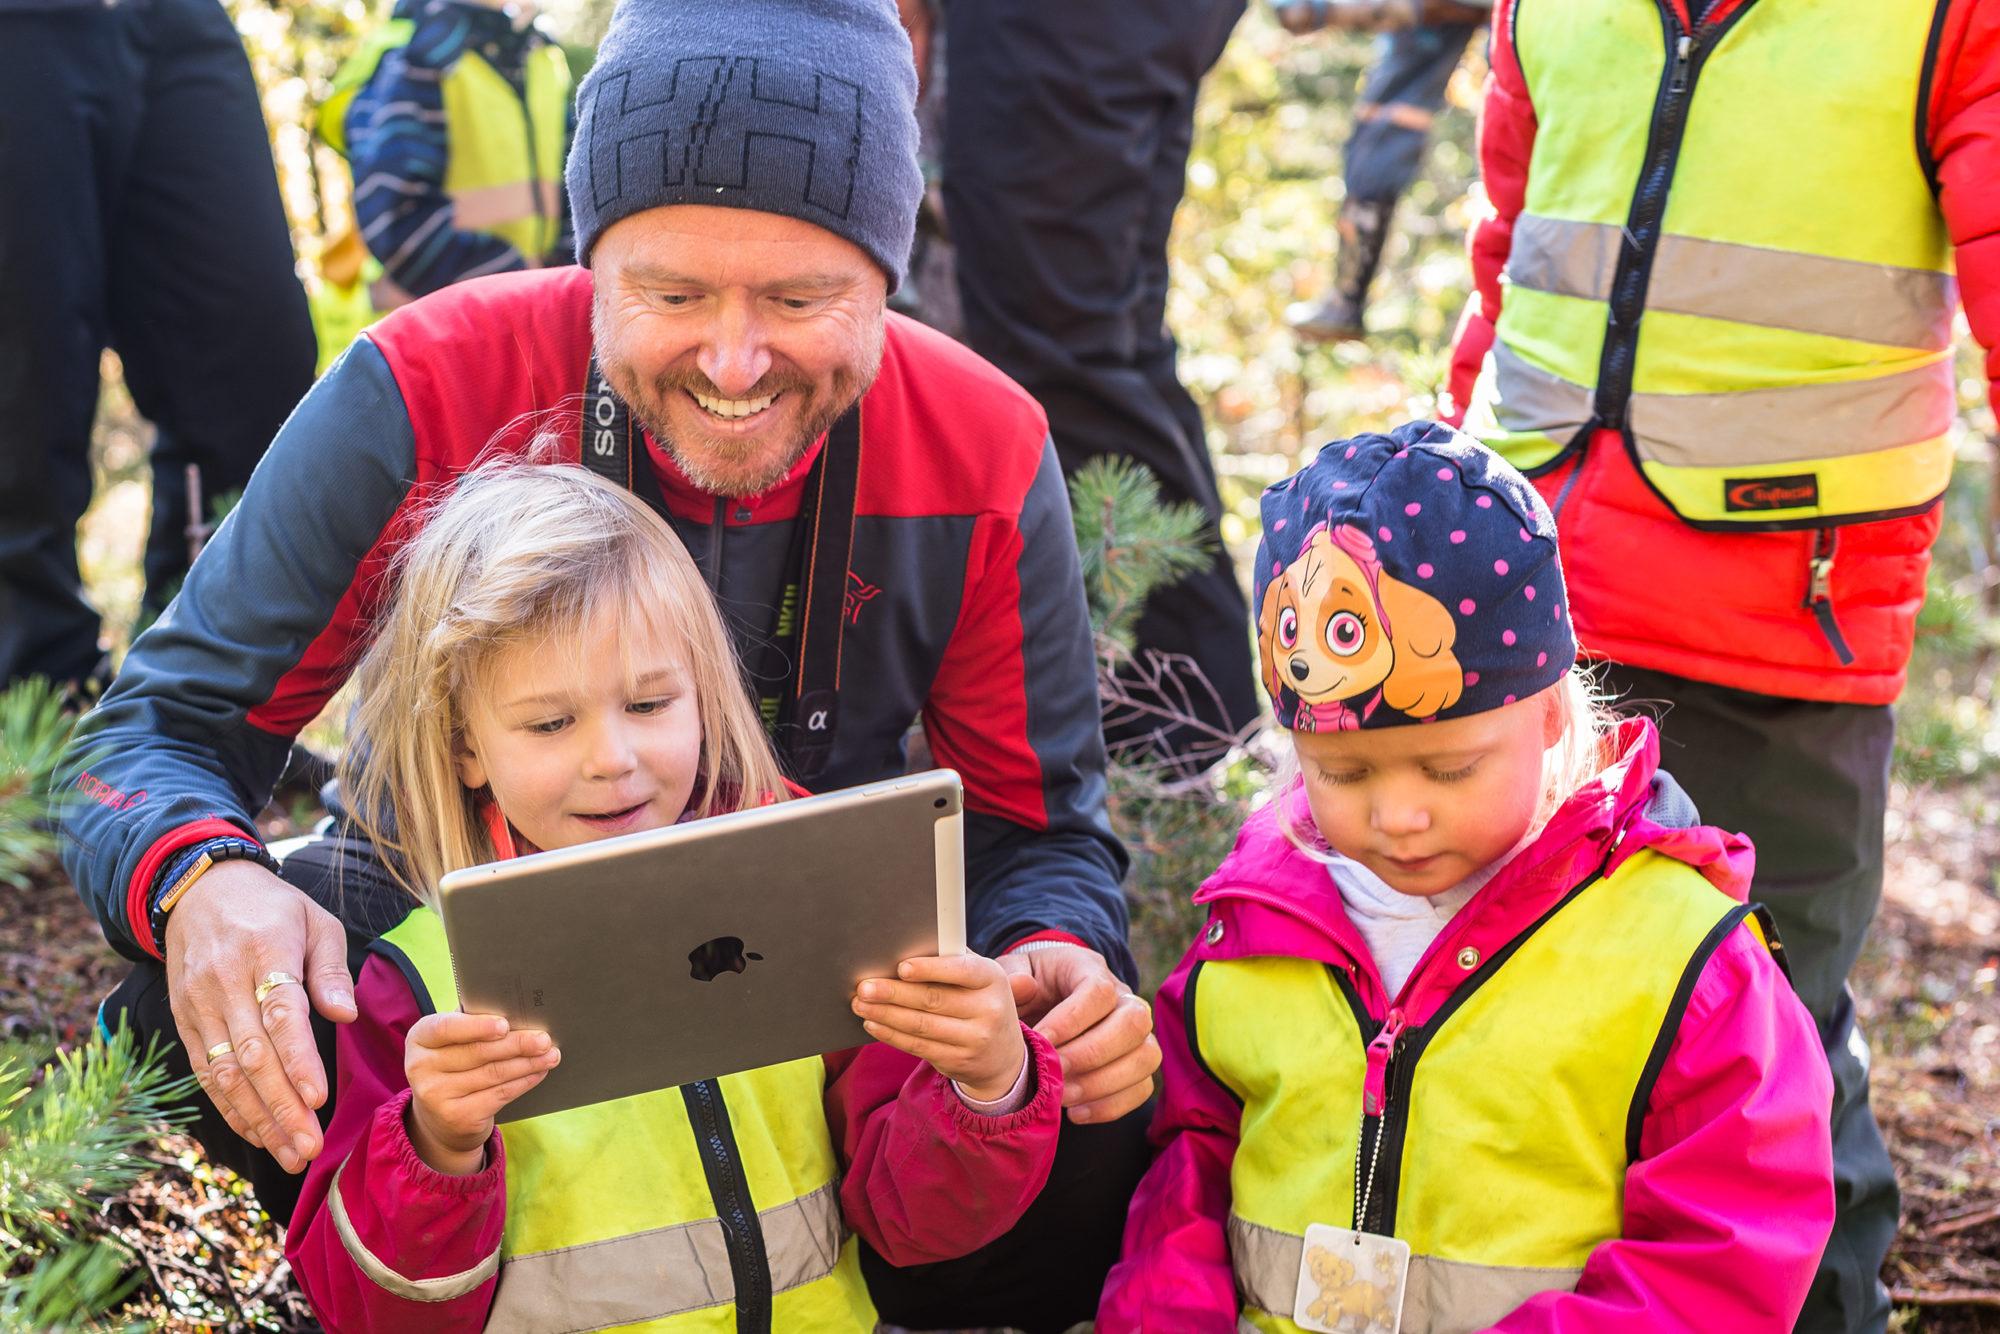 Barnehagelærer og barnehagebarn i naturen med iPad